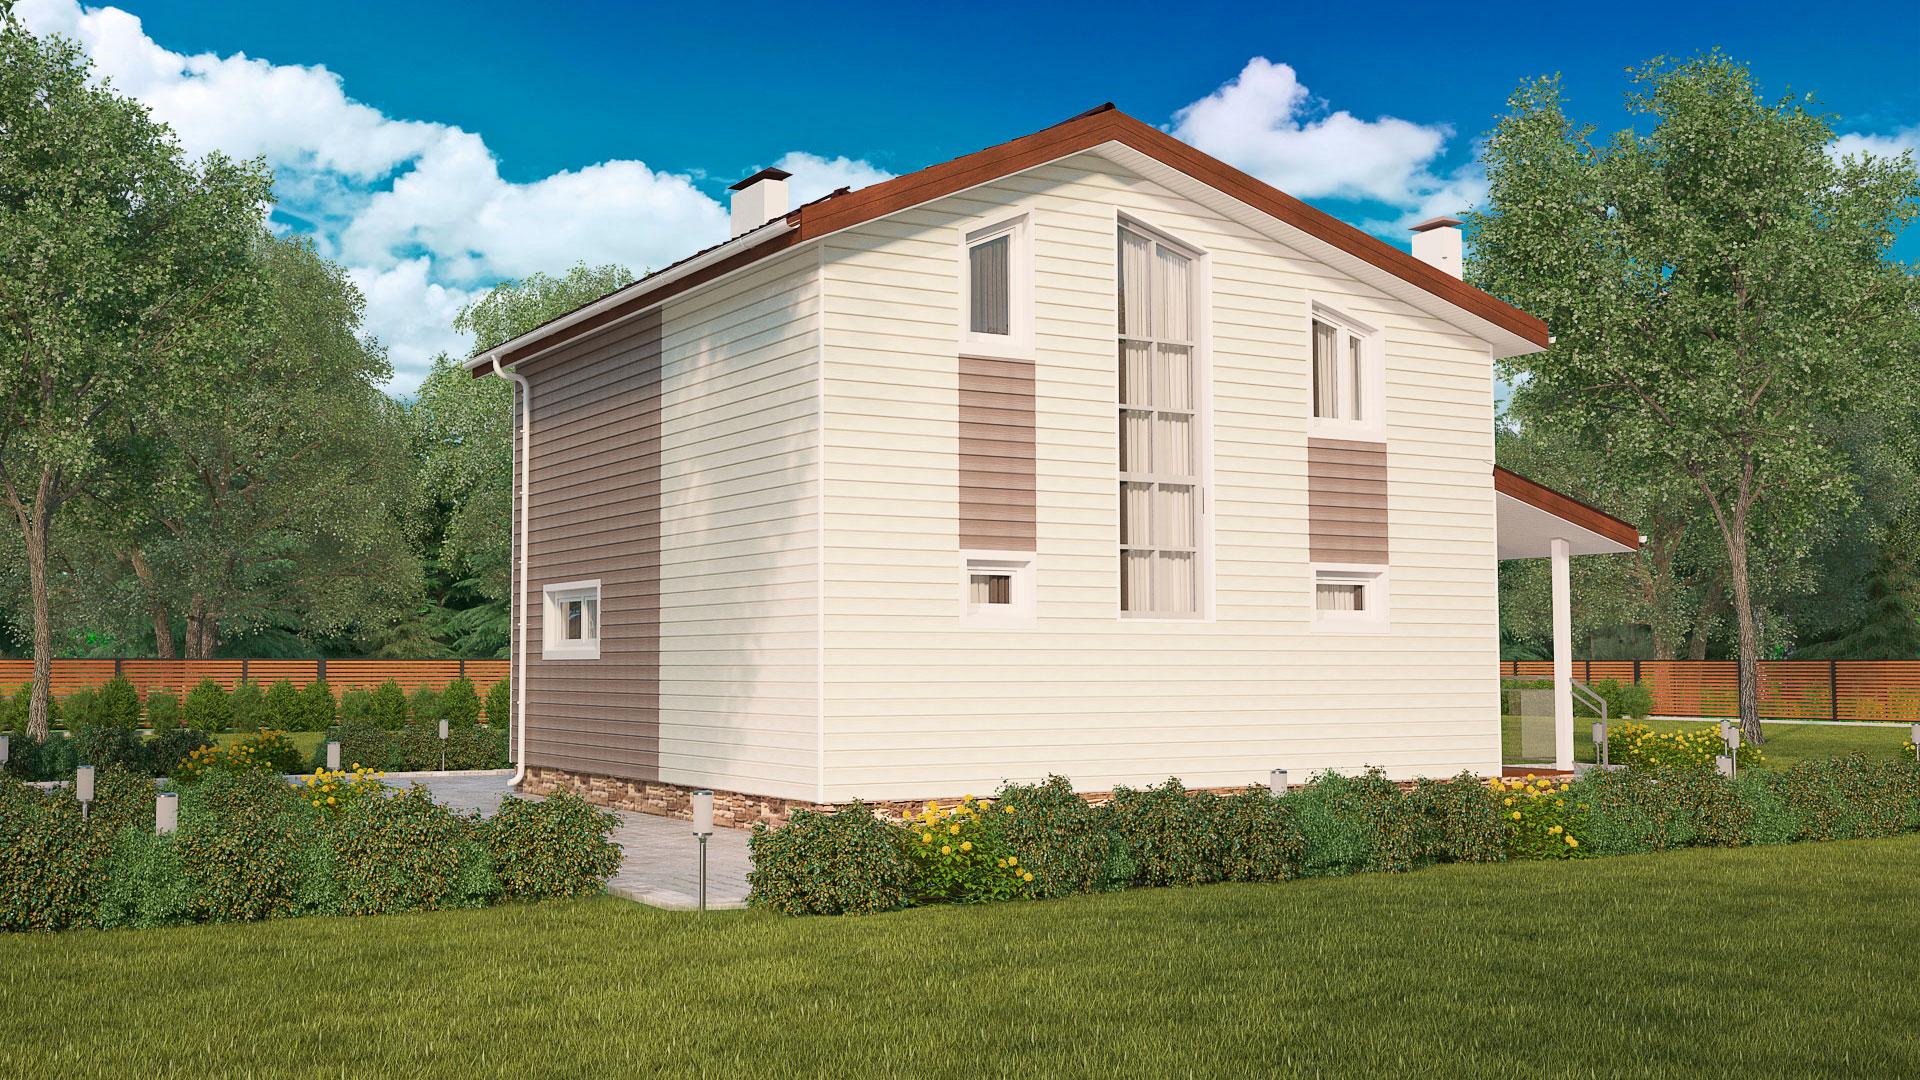 Боковой и задний фасады двухэтажного загородного дома, проект БЭНПАН МС-152.